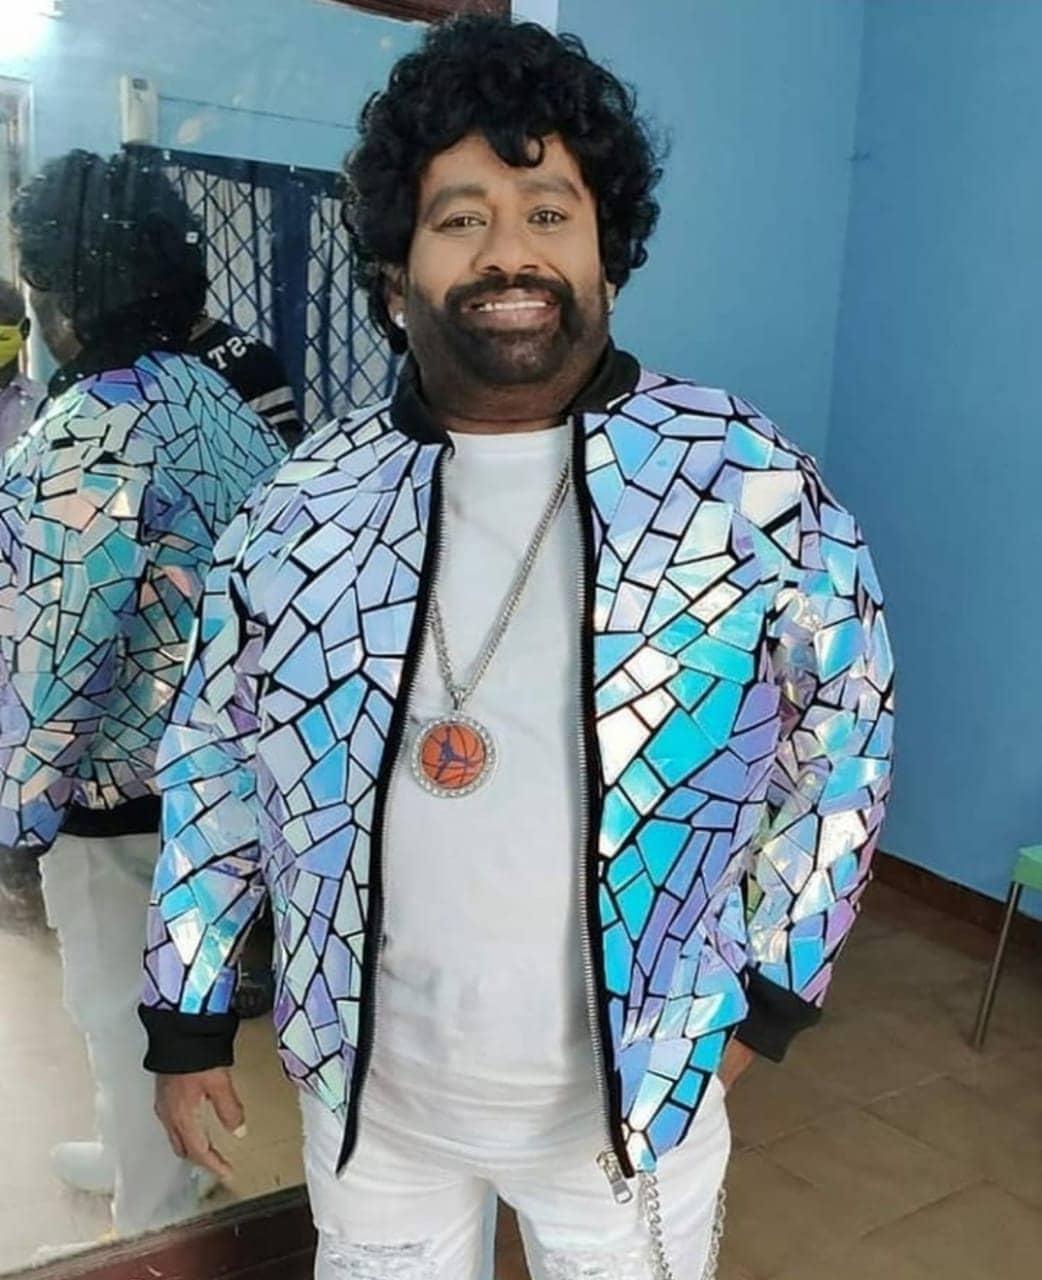 நடிகர் செந்தில் (புகைப்படம்: இன்ஸ்டாகிராம் )